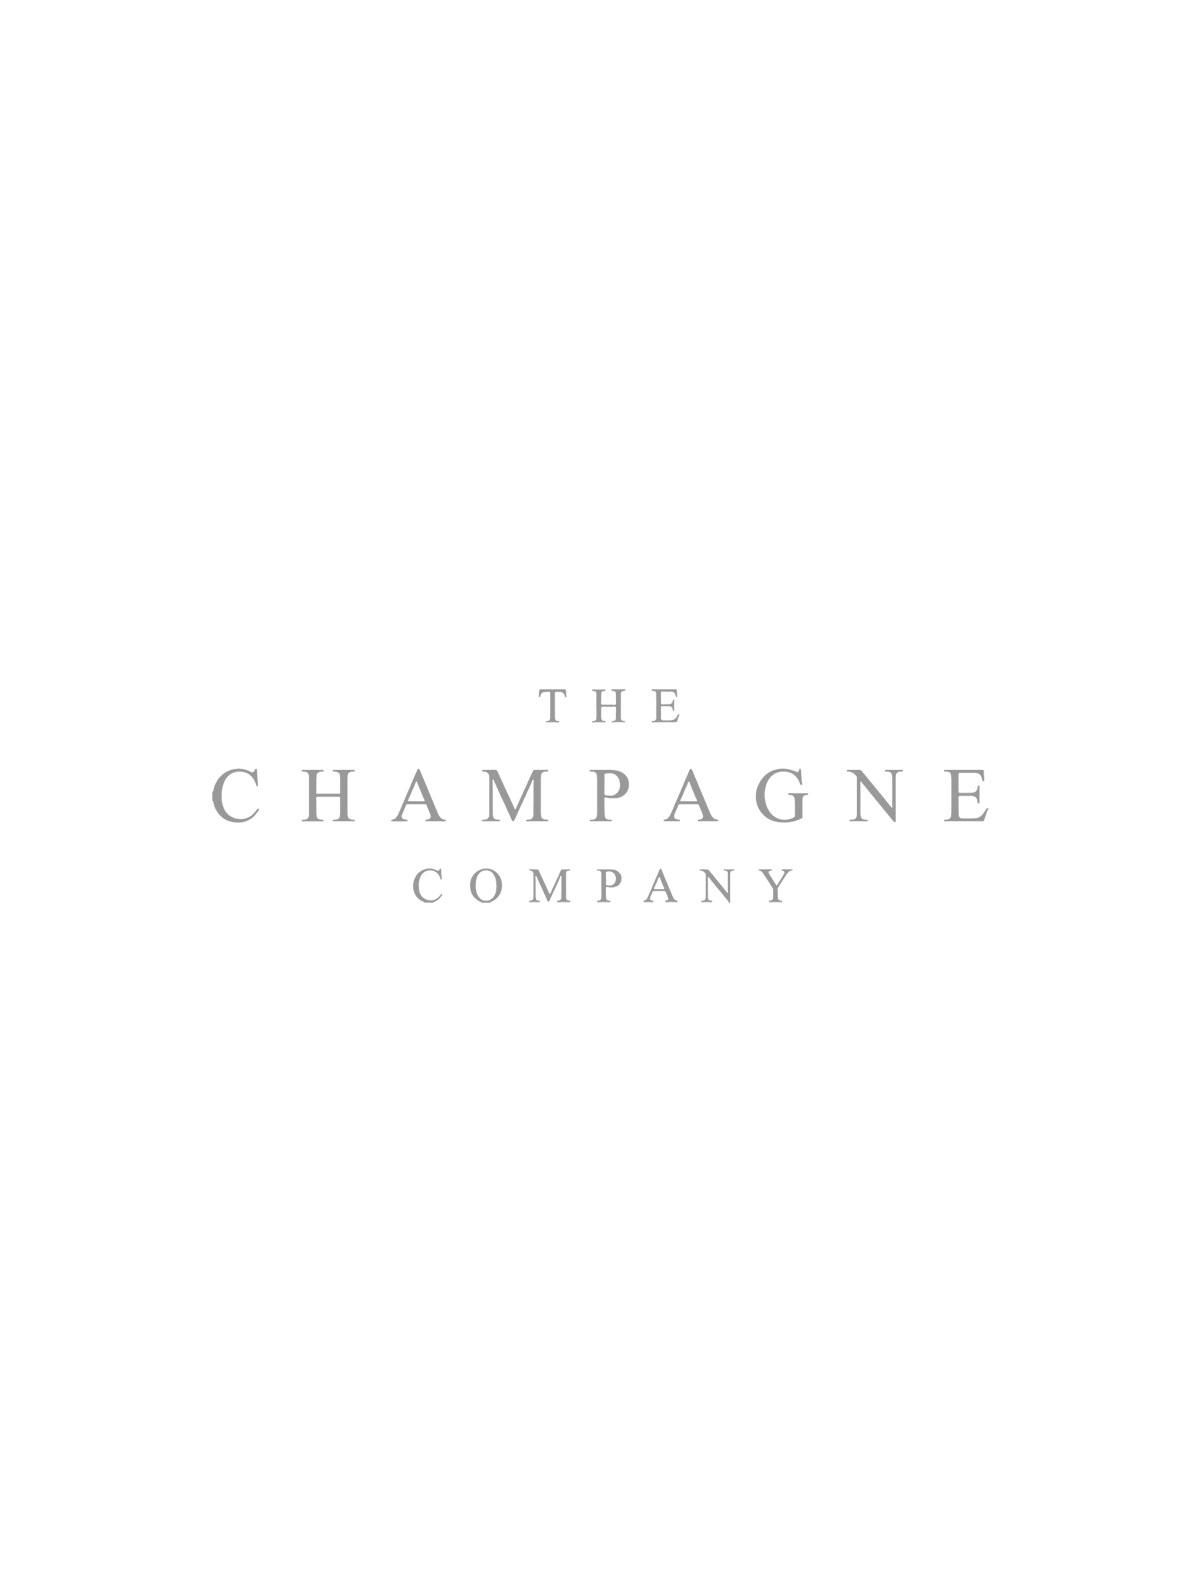 Taylors Vintage Port Quinta de Vargellas 2002